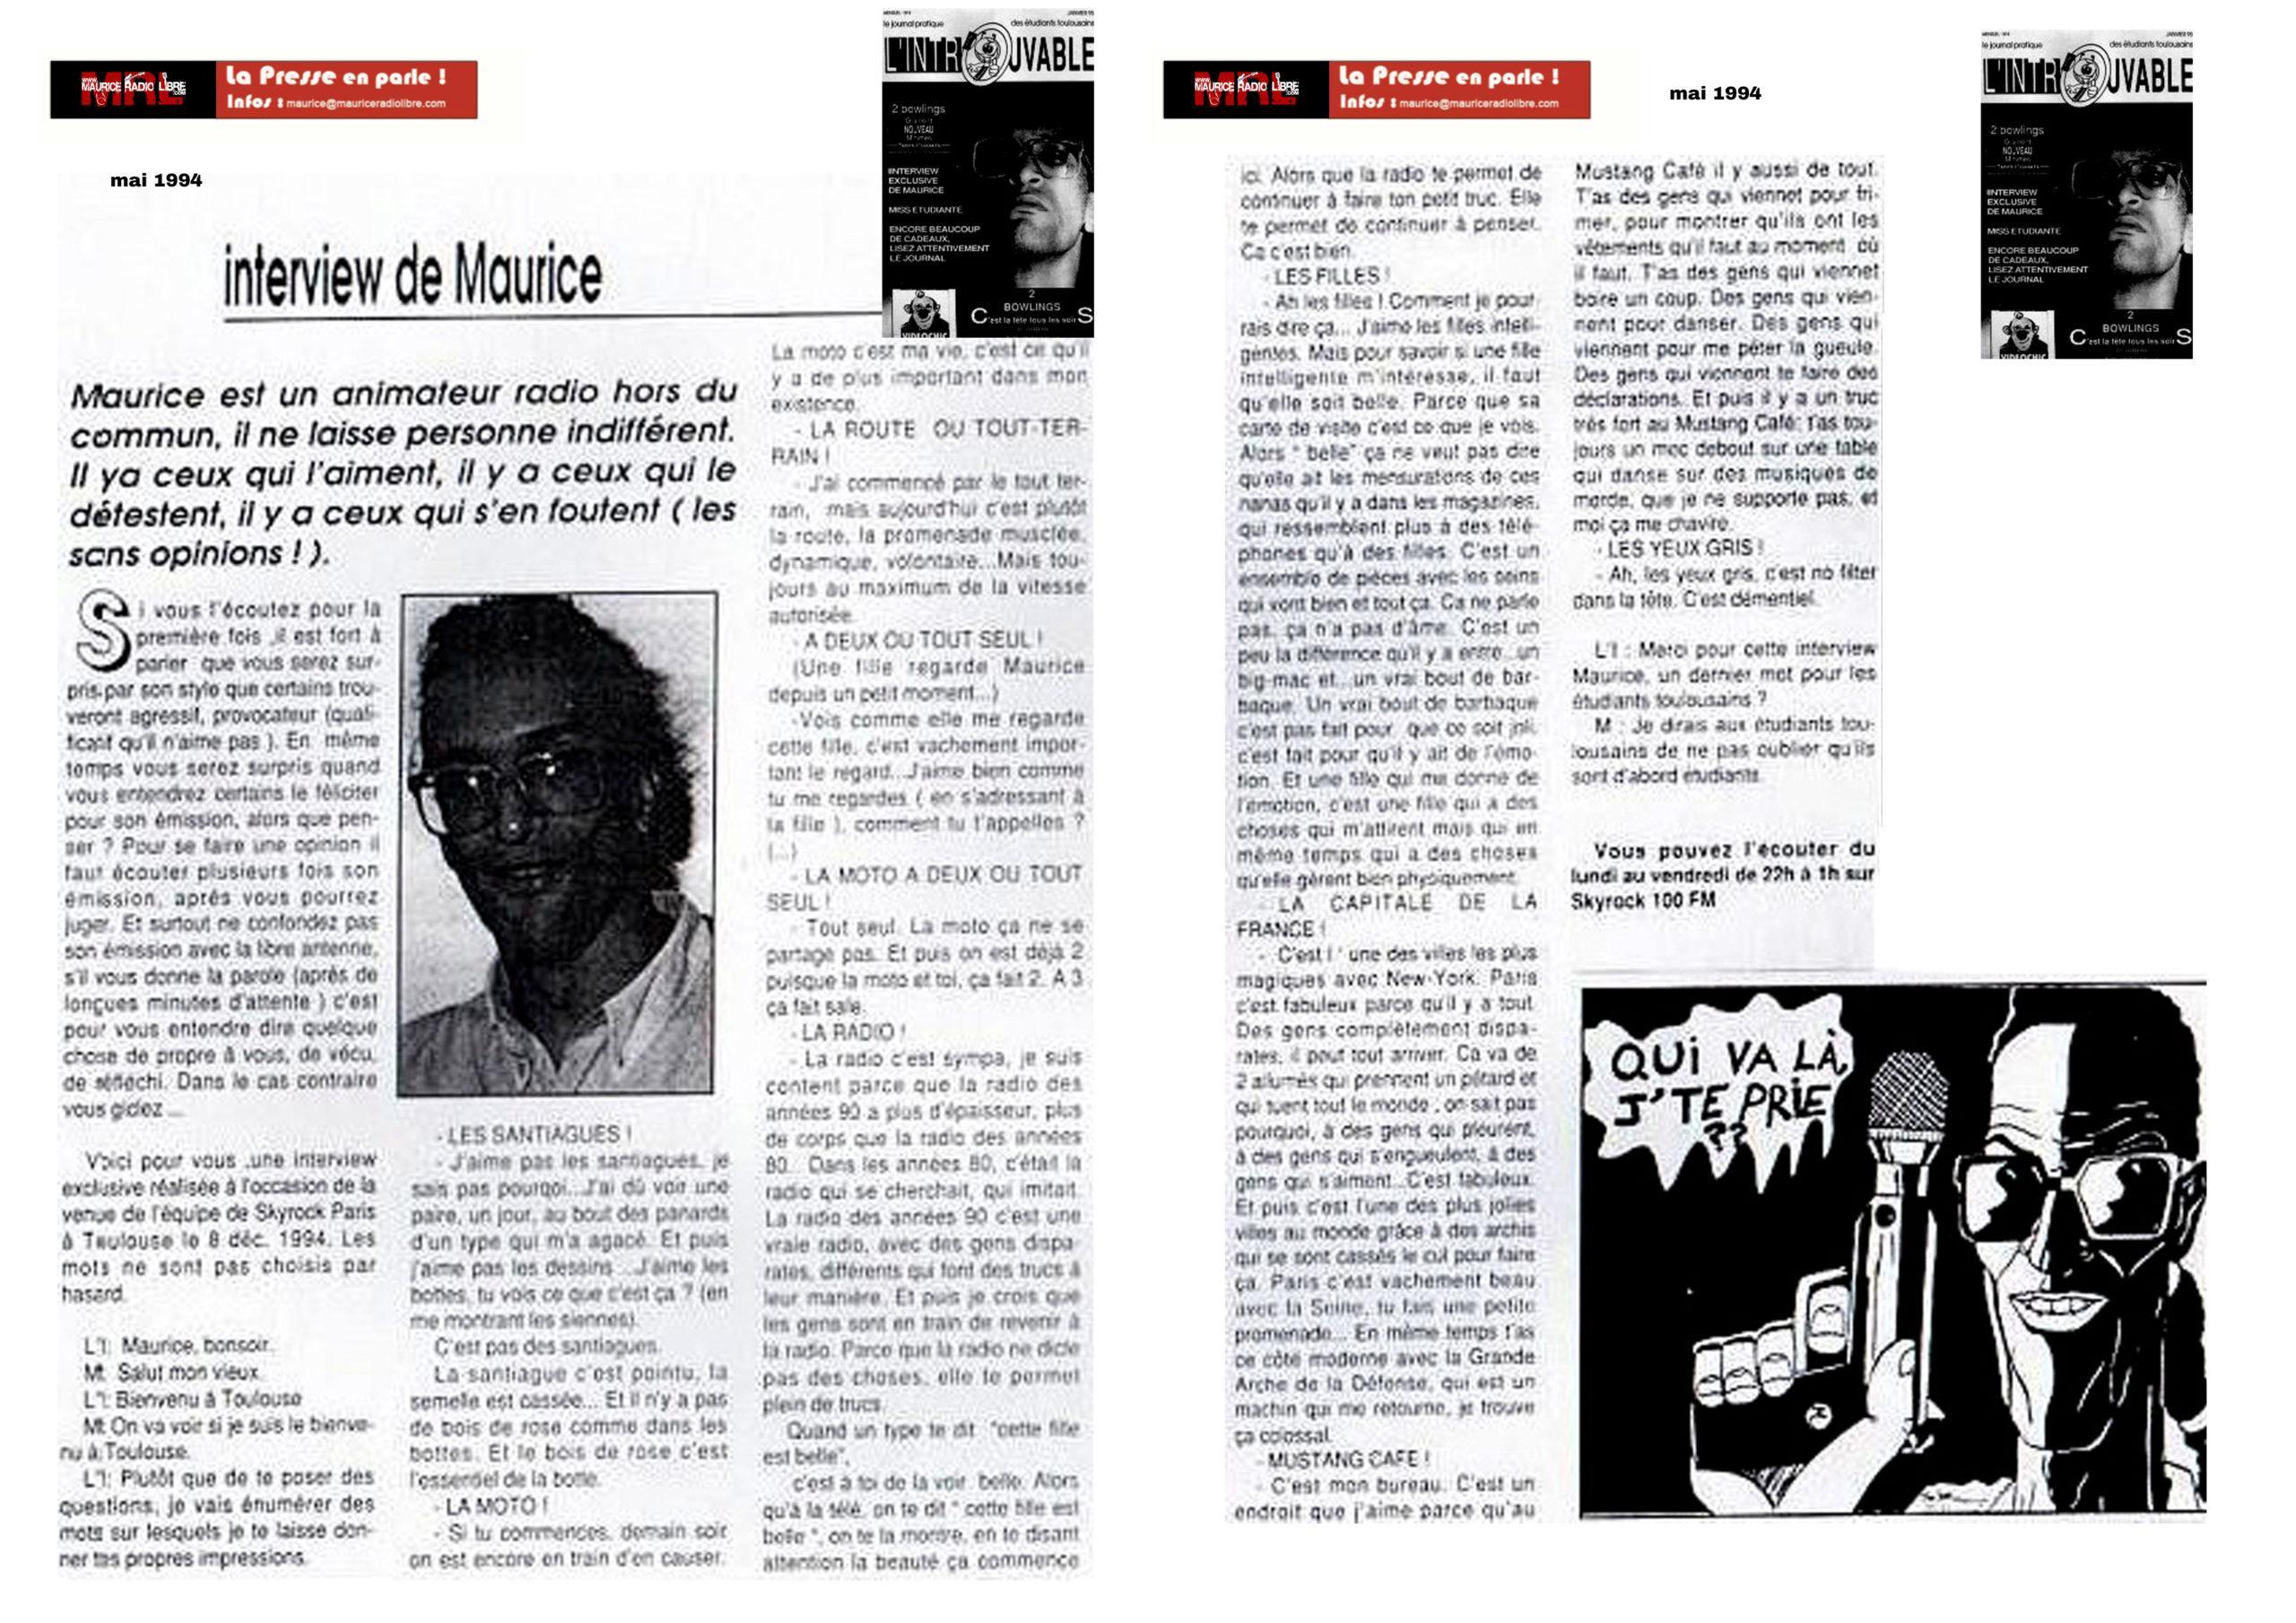 vignette INTROUVABLE Interview de Maurice - Mai 1994